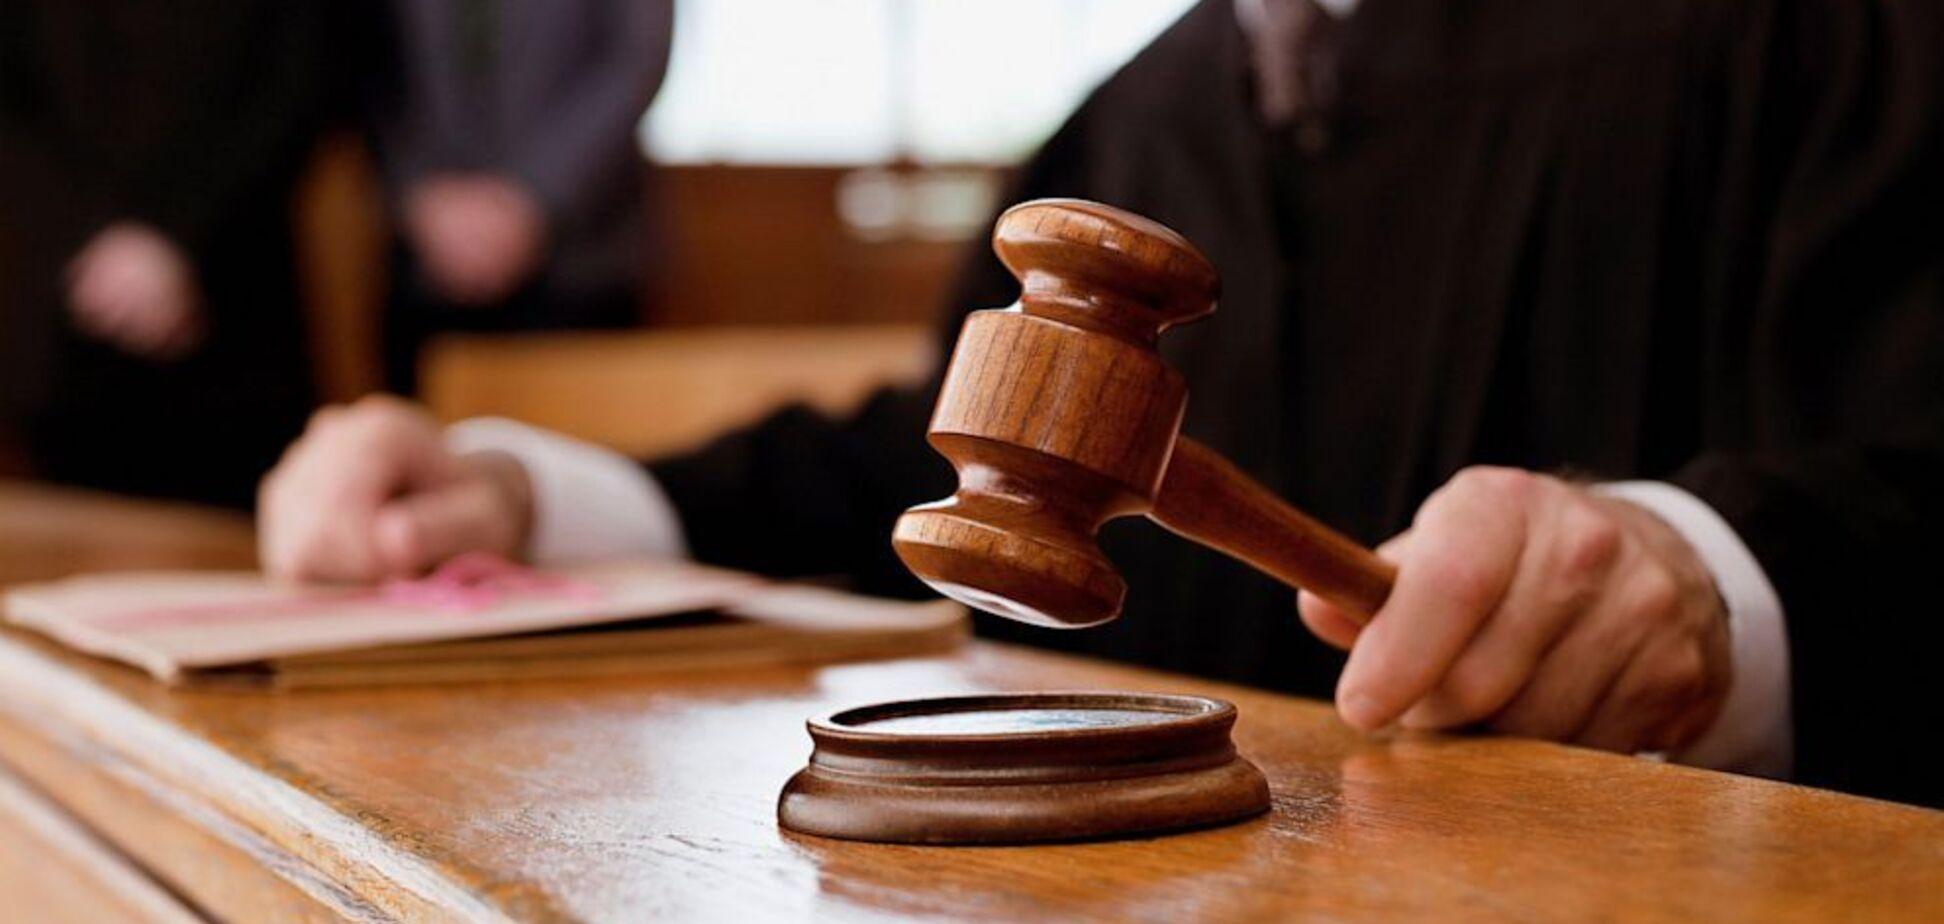 Хозяйственный суд города Киева удовлетворил иск IBOX Bank к ООО 'Фьючер Медиа'